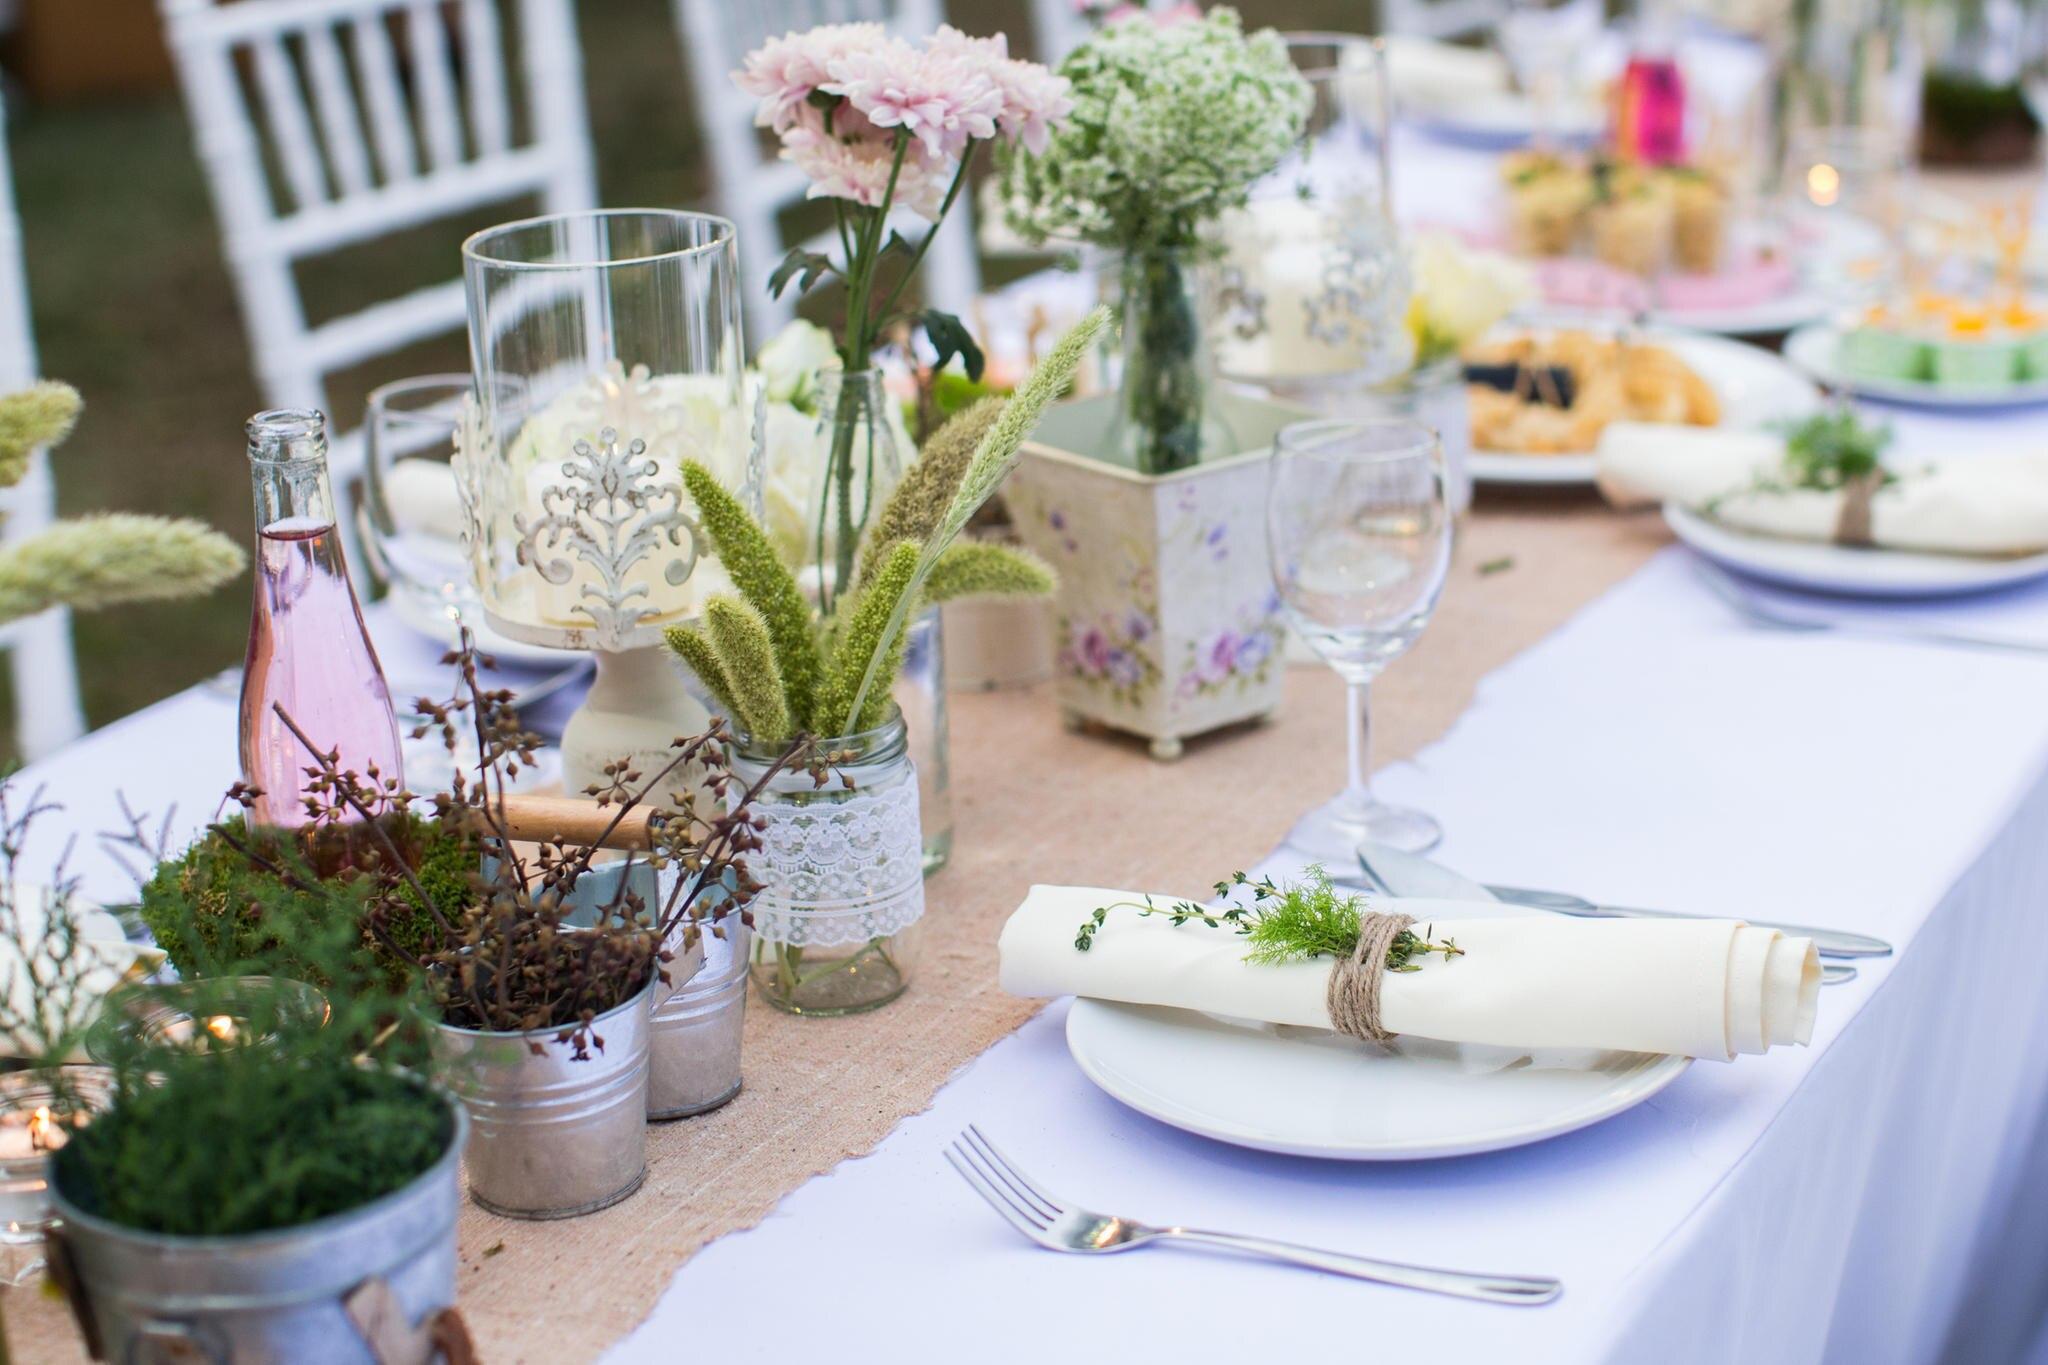 Topfpflanzen sehen nicht nur schön aus, sondern können nach der Feier auch wieder zurück ins Haus gestellt werden.